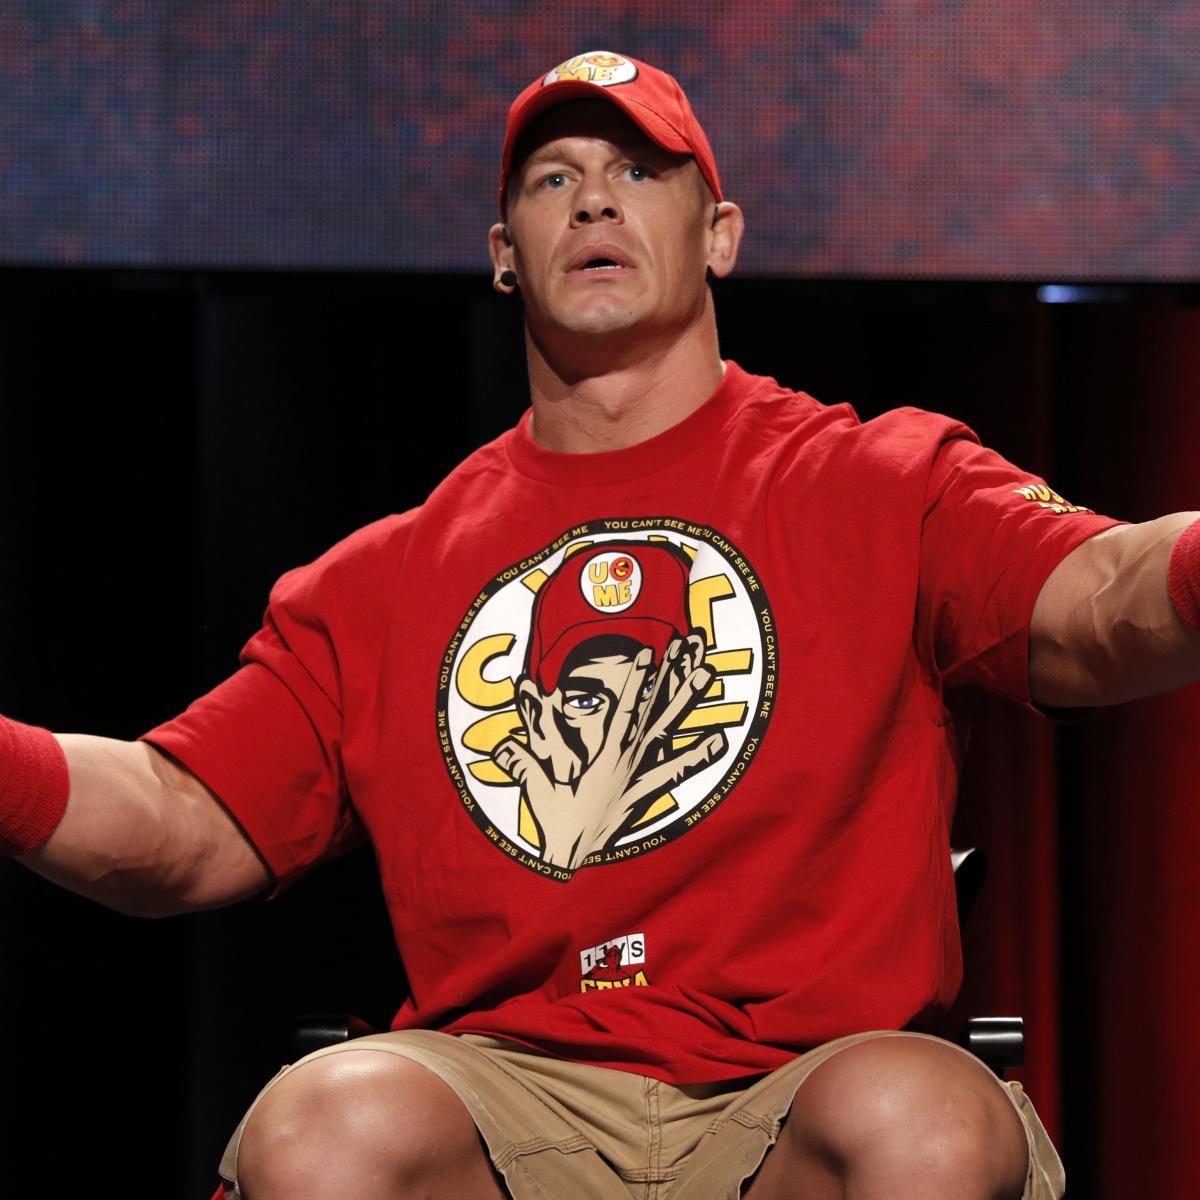 John Cena Vs. Rusev Announced For 2015 Fast Lane PPV